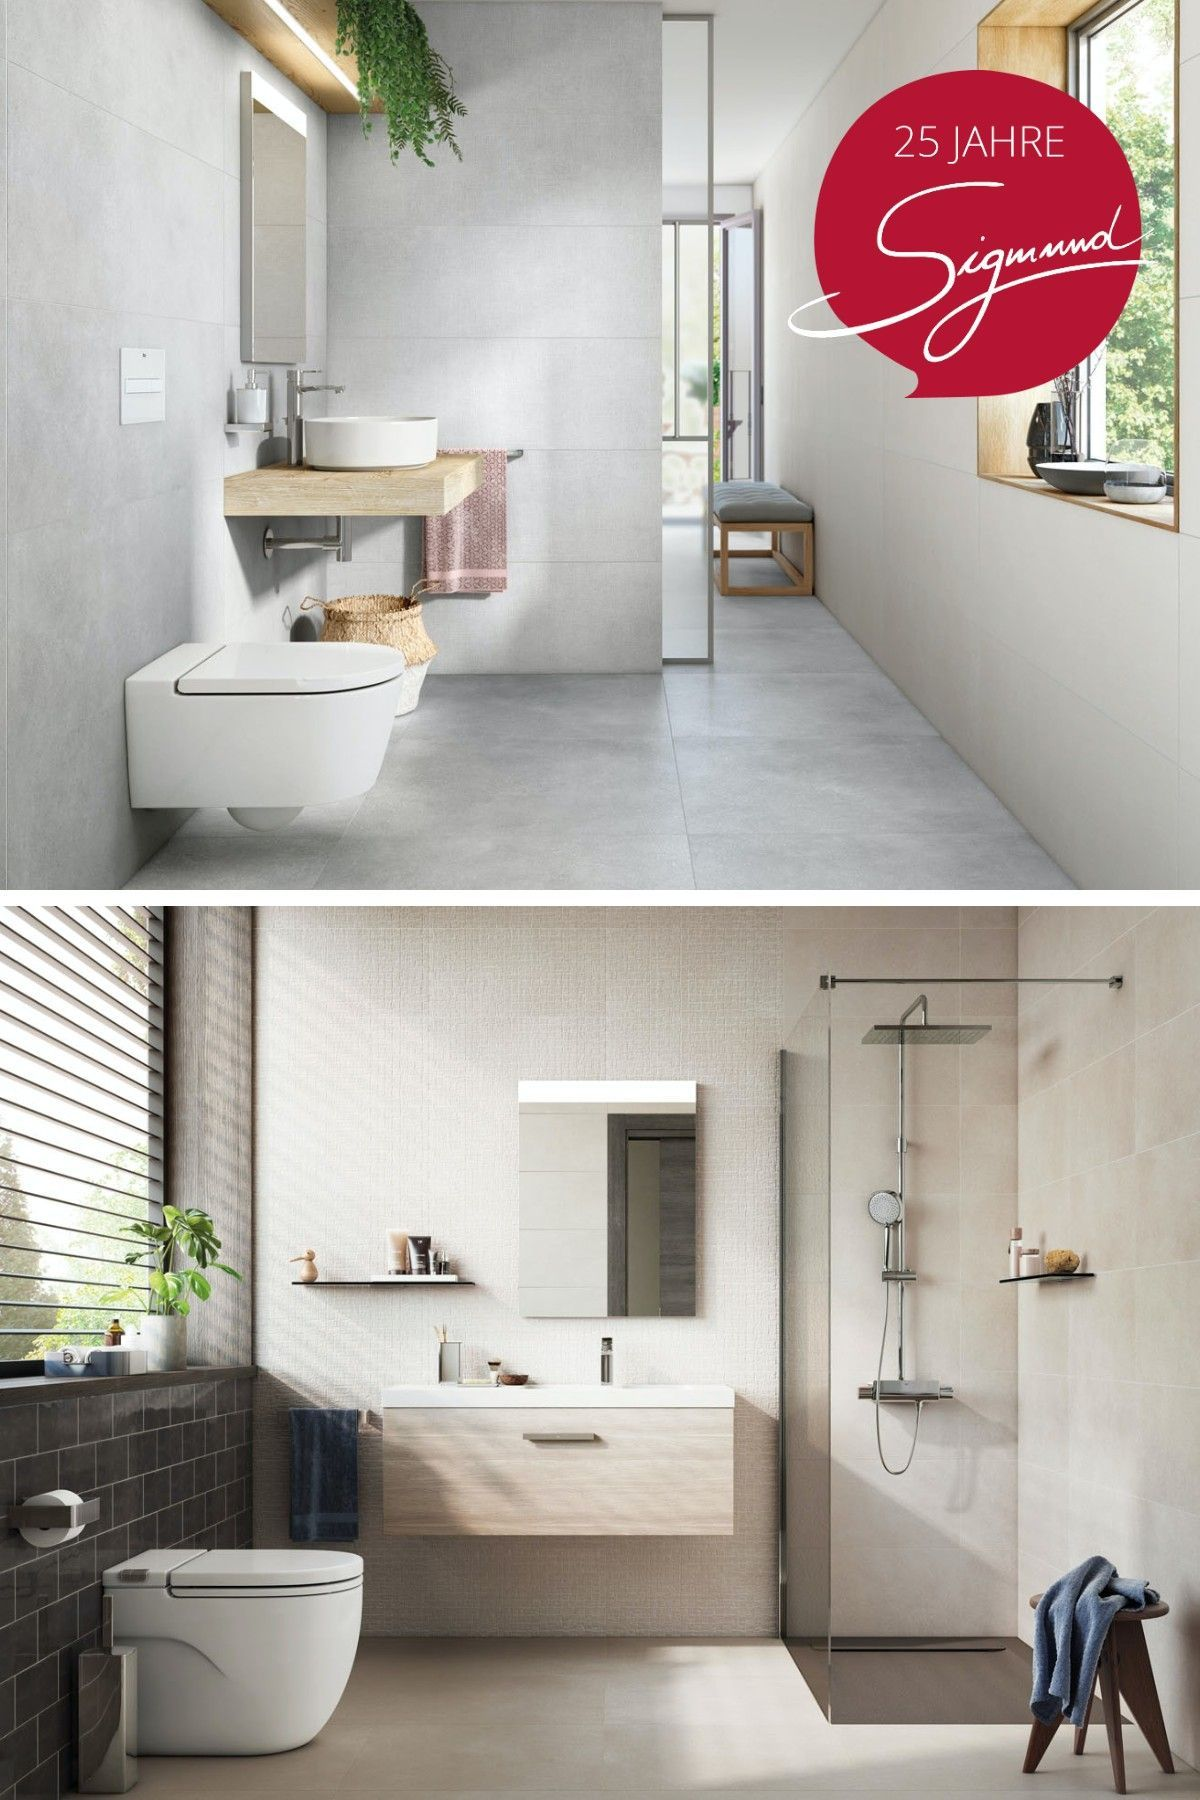 Badezimmer Fliesen In 2020 Badezimmer Fliesen Fliesen Neues Badezimmer